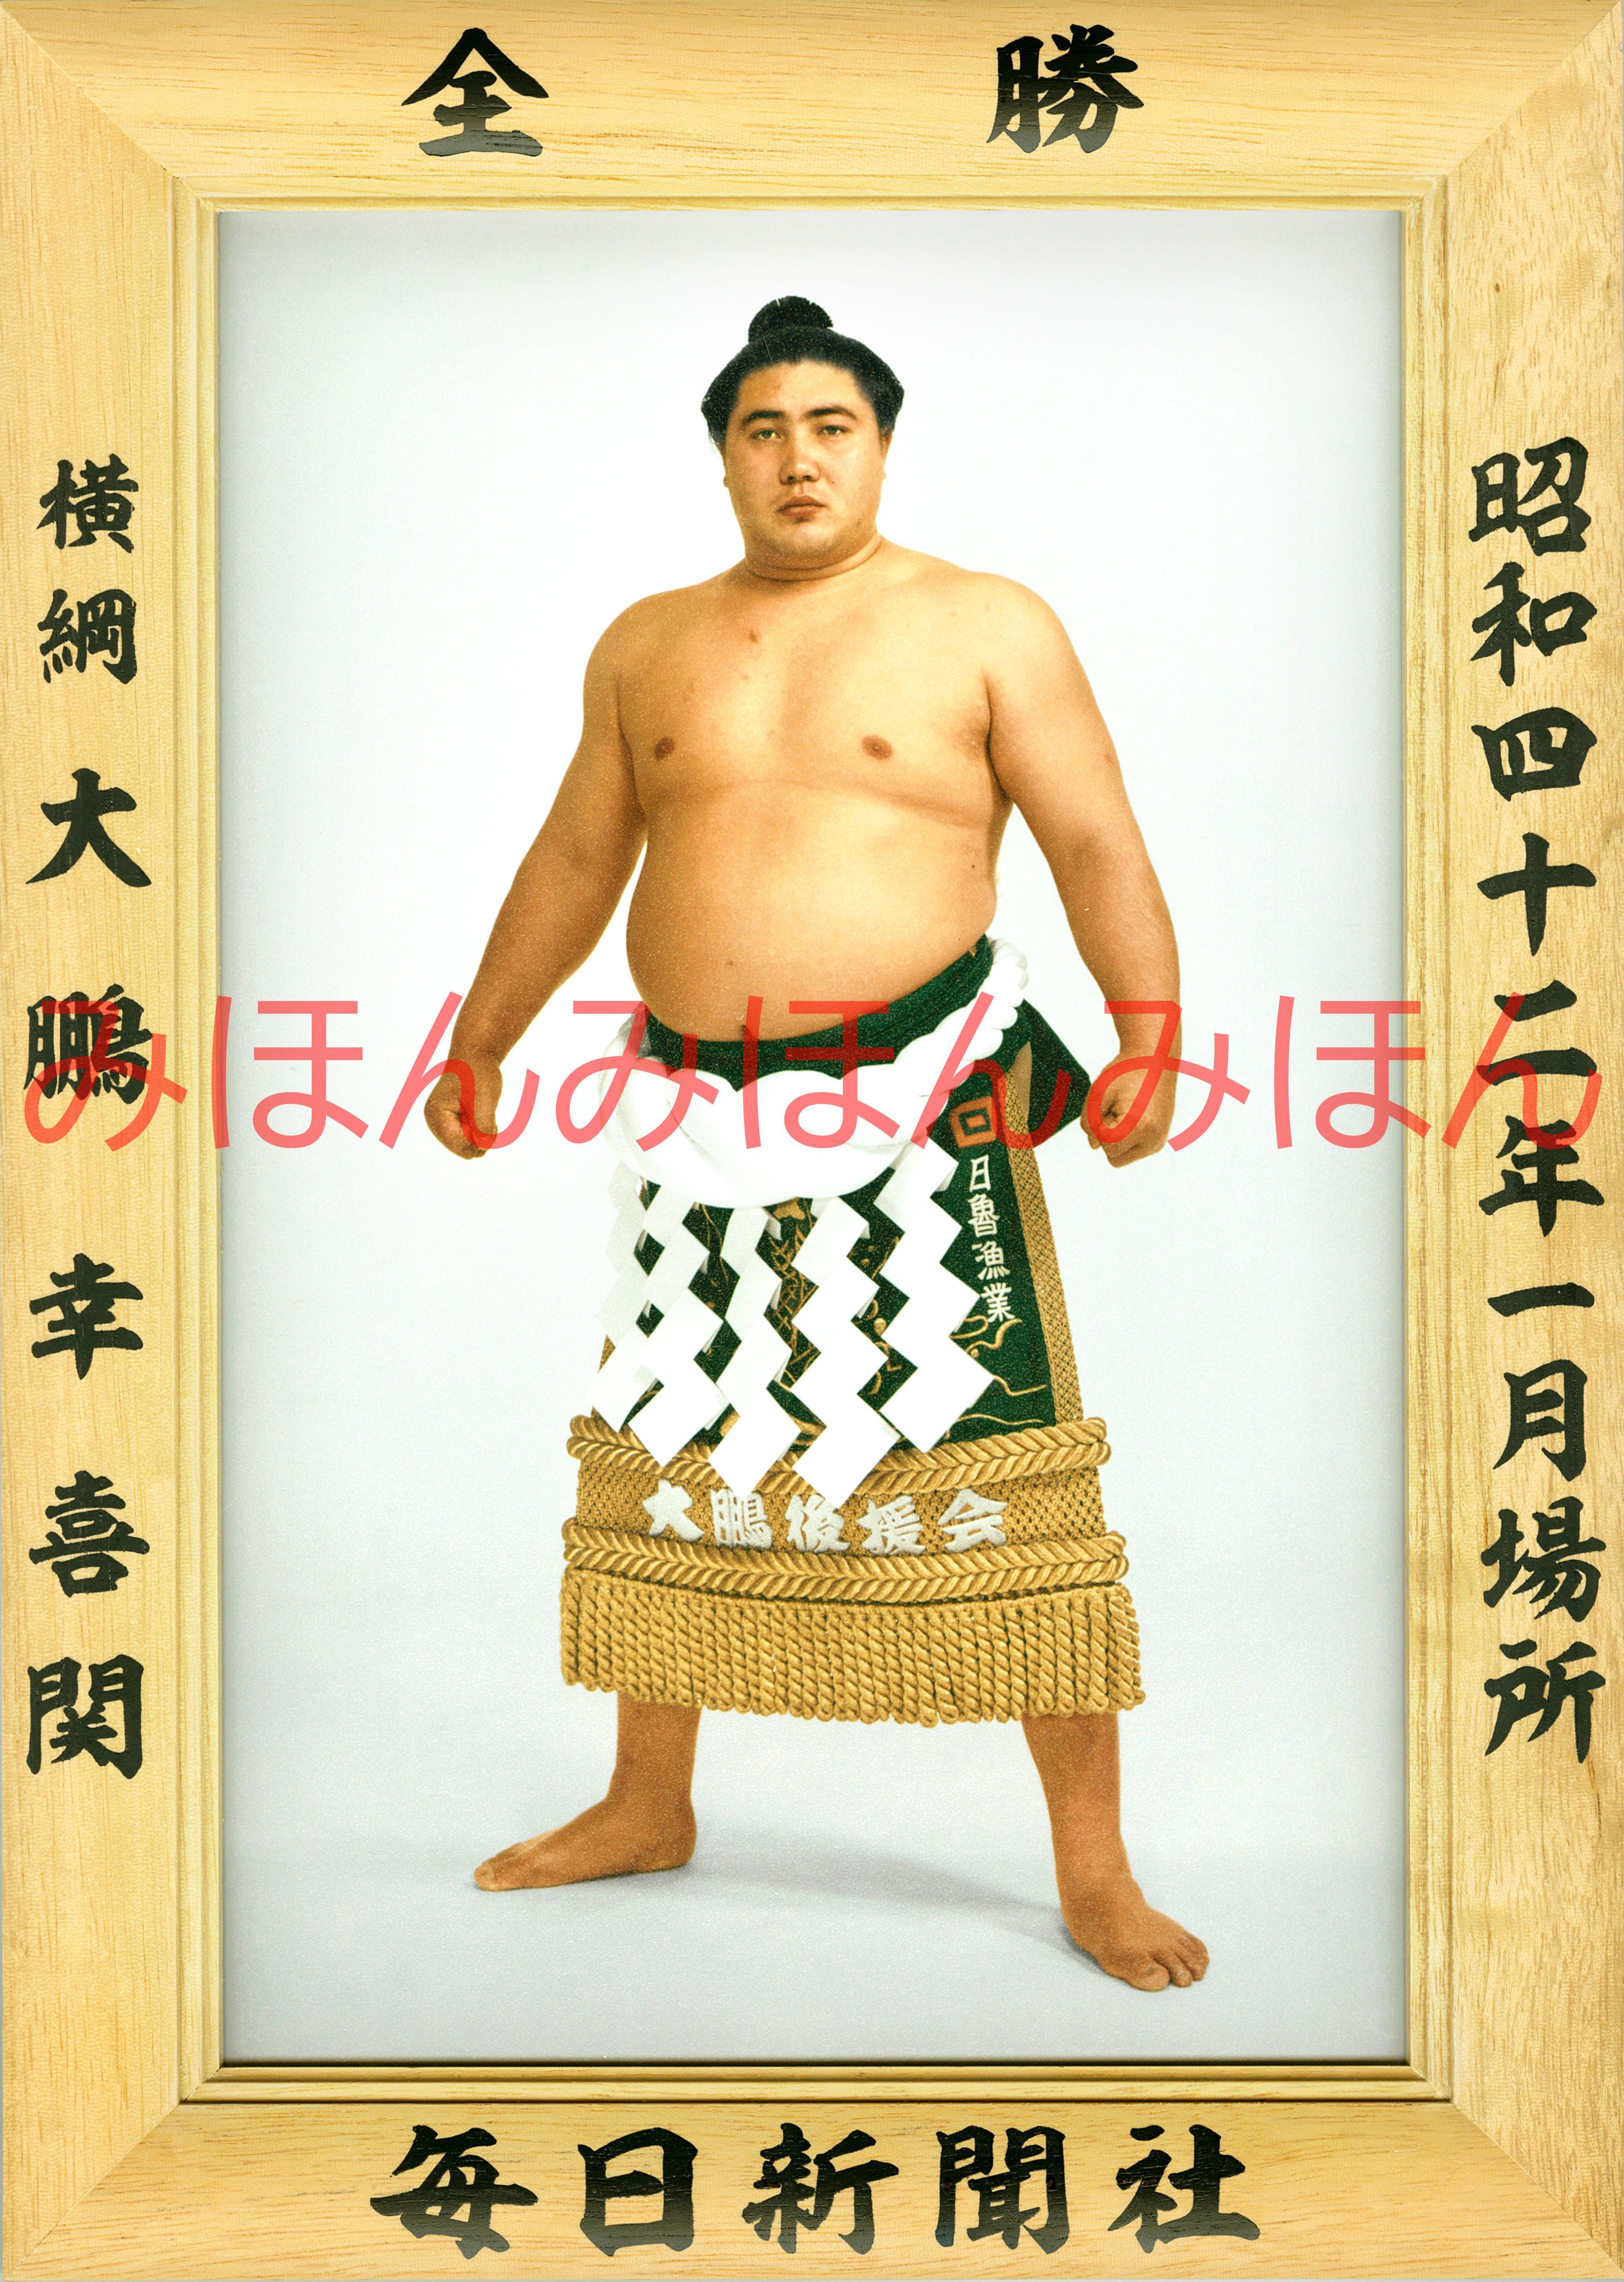 昭和42年1月場所全勝 横綱 大鵬幸喜関(24回目の優勝)